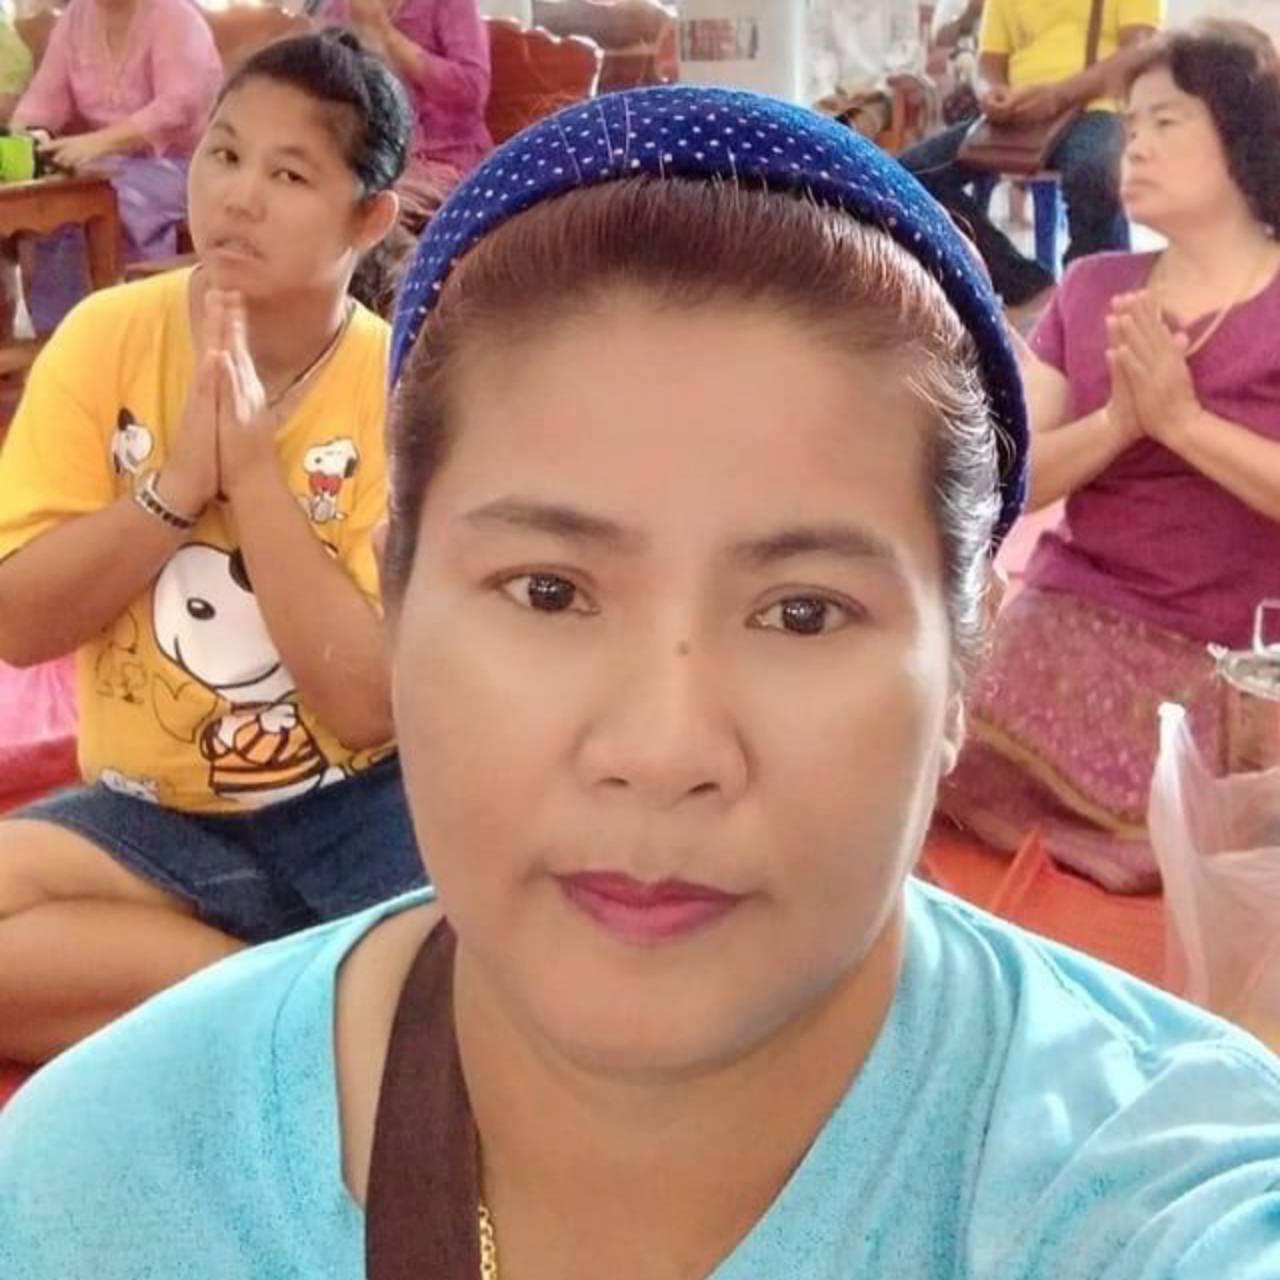 นางกุหลาบ จินดา อายุ 50 ปี ผู้ถูกรางวัล